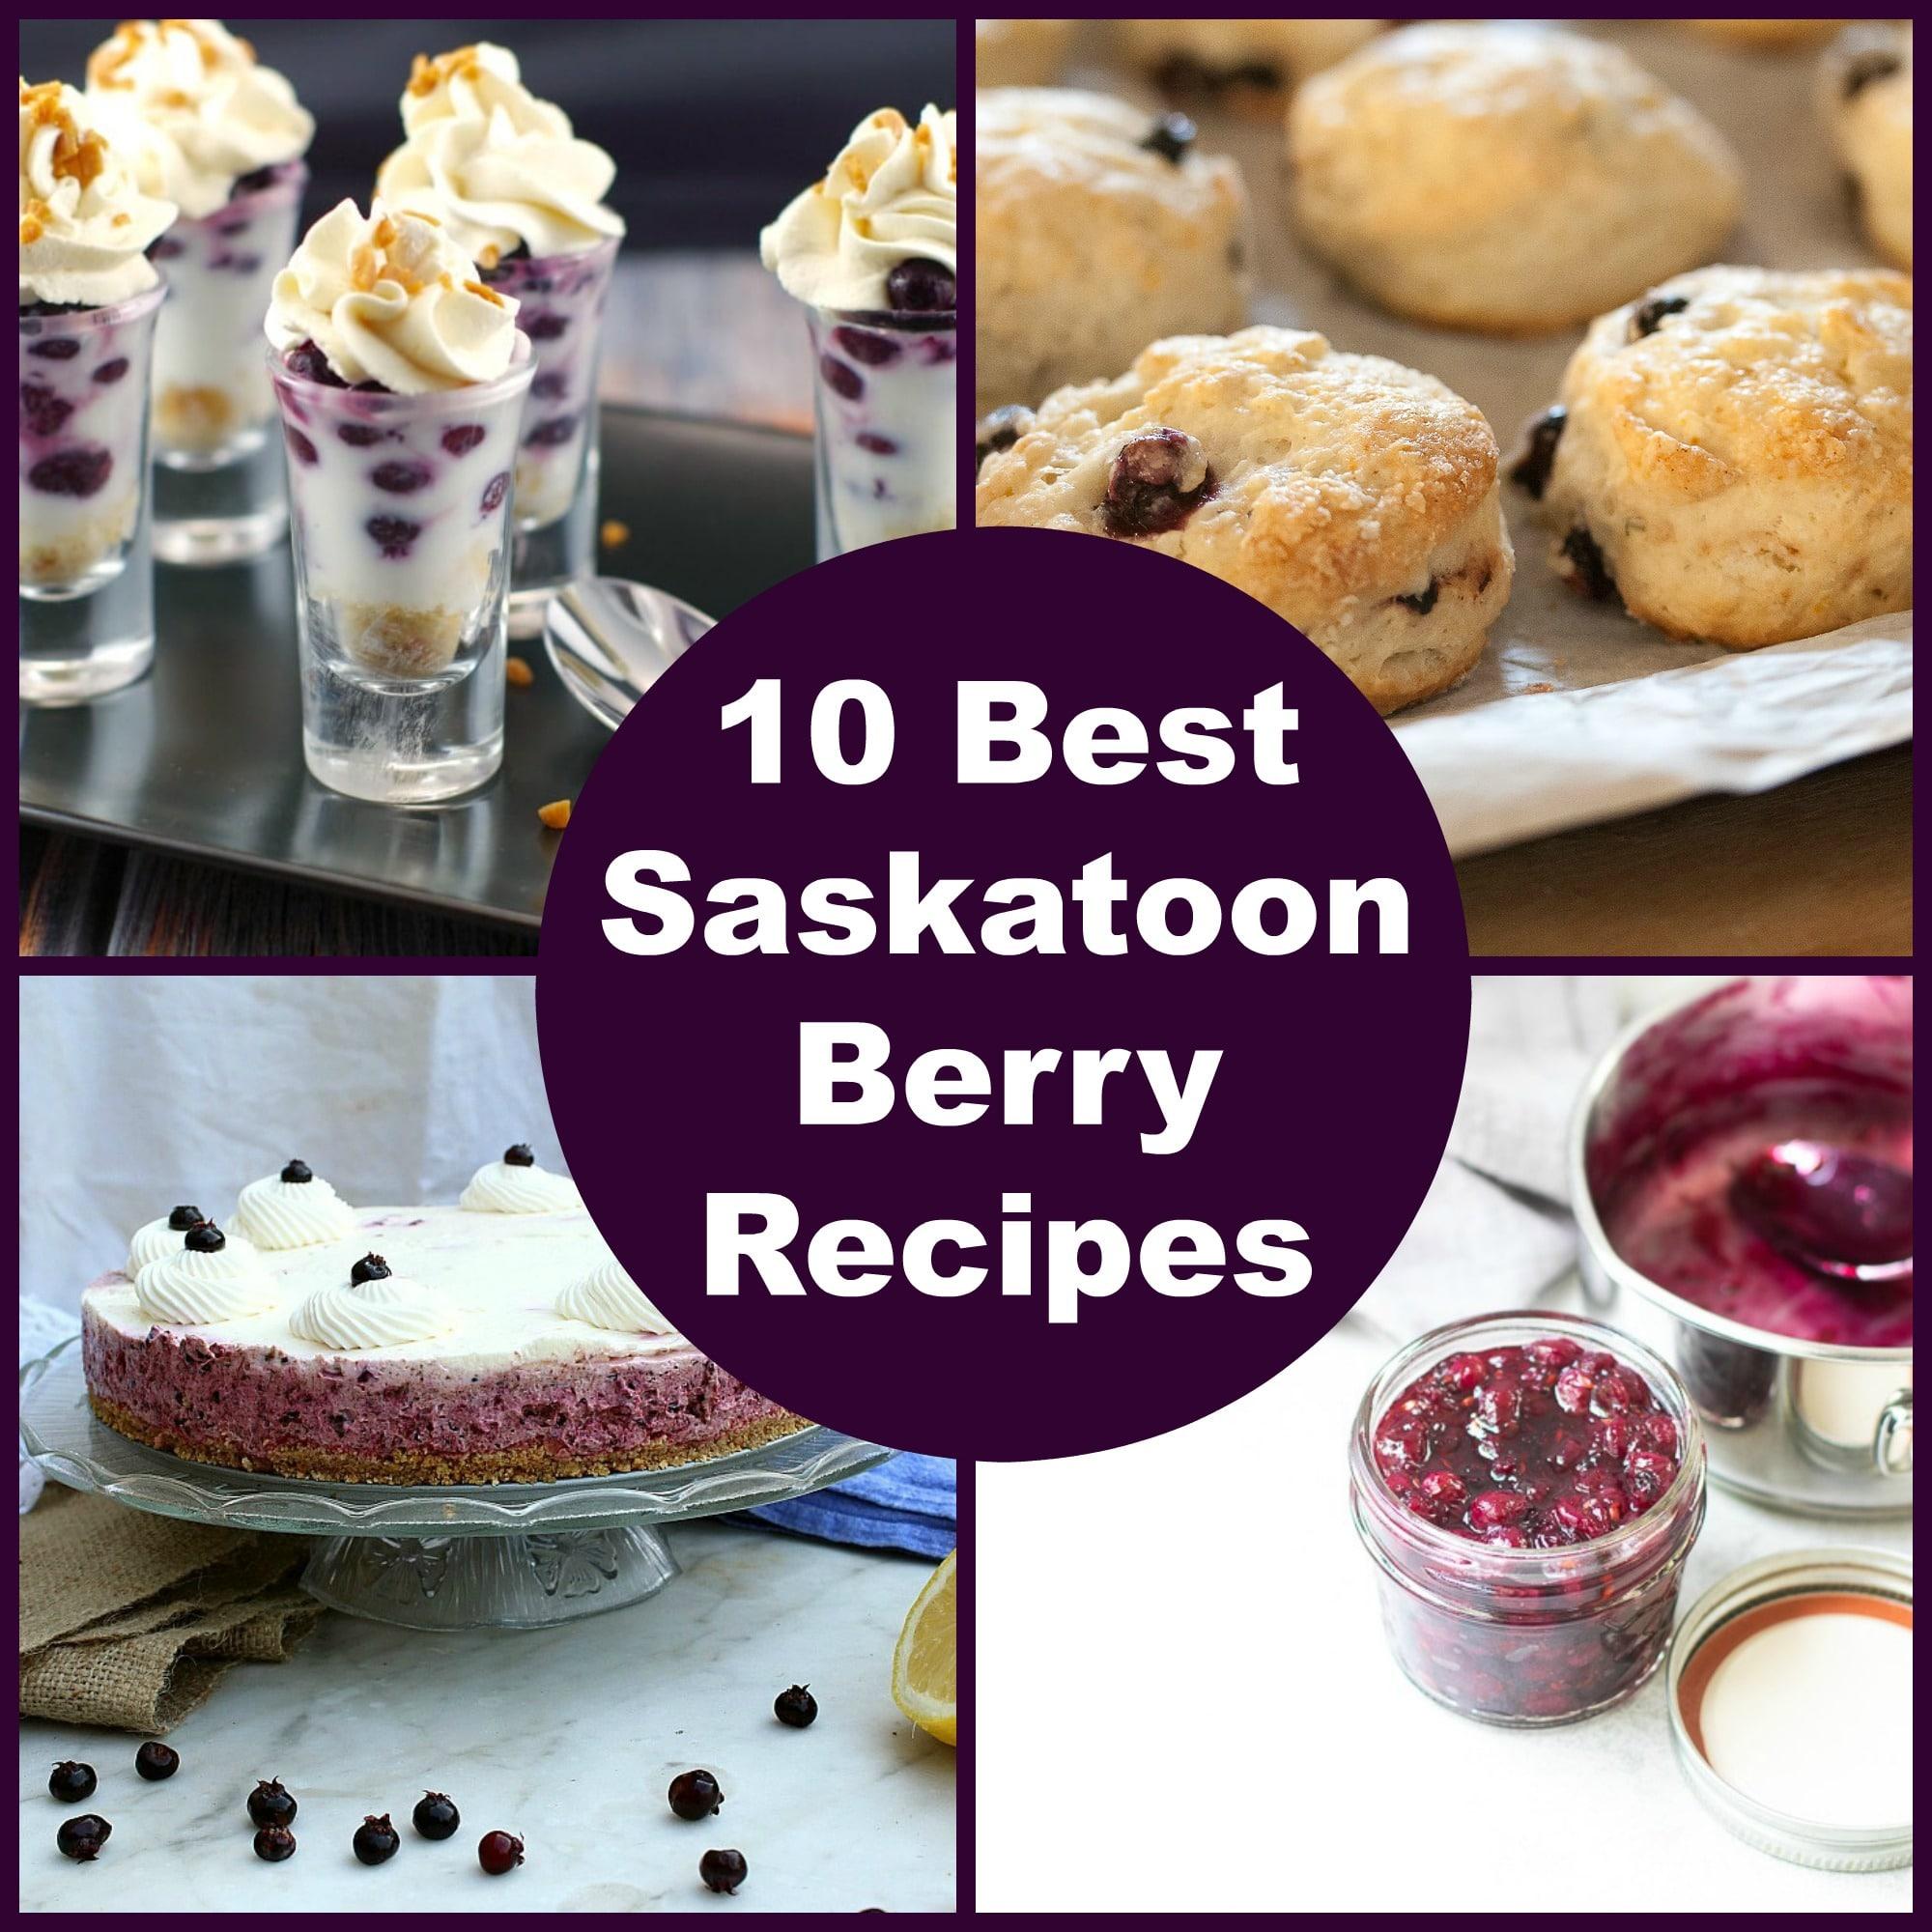 Saskatoon Berry Recipes | 10 Best - Food Meanderings